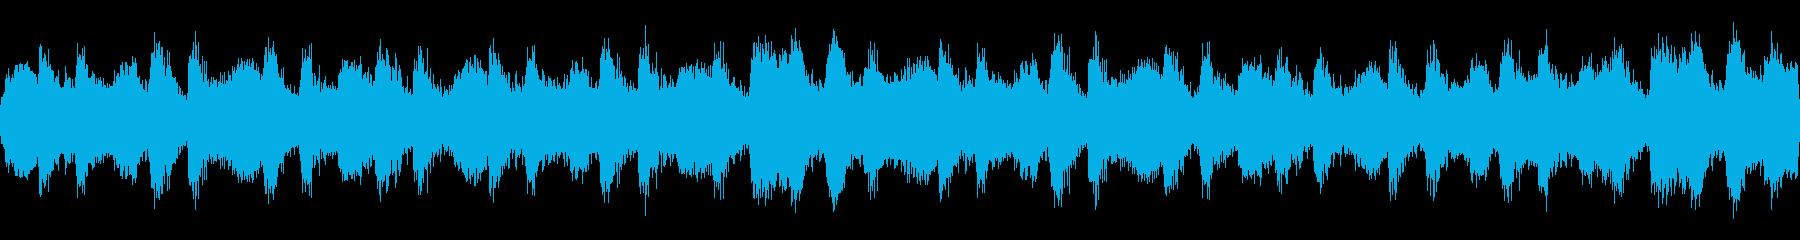 ハロウィン1 short ループの再生済みの波形